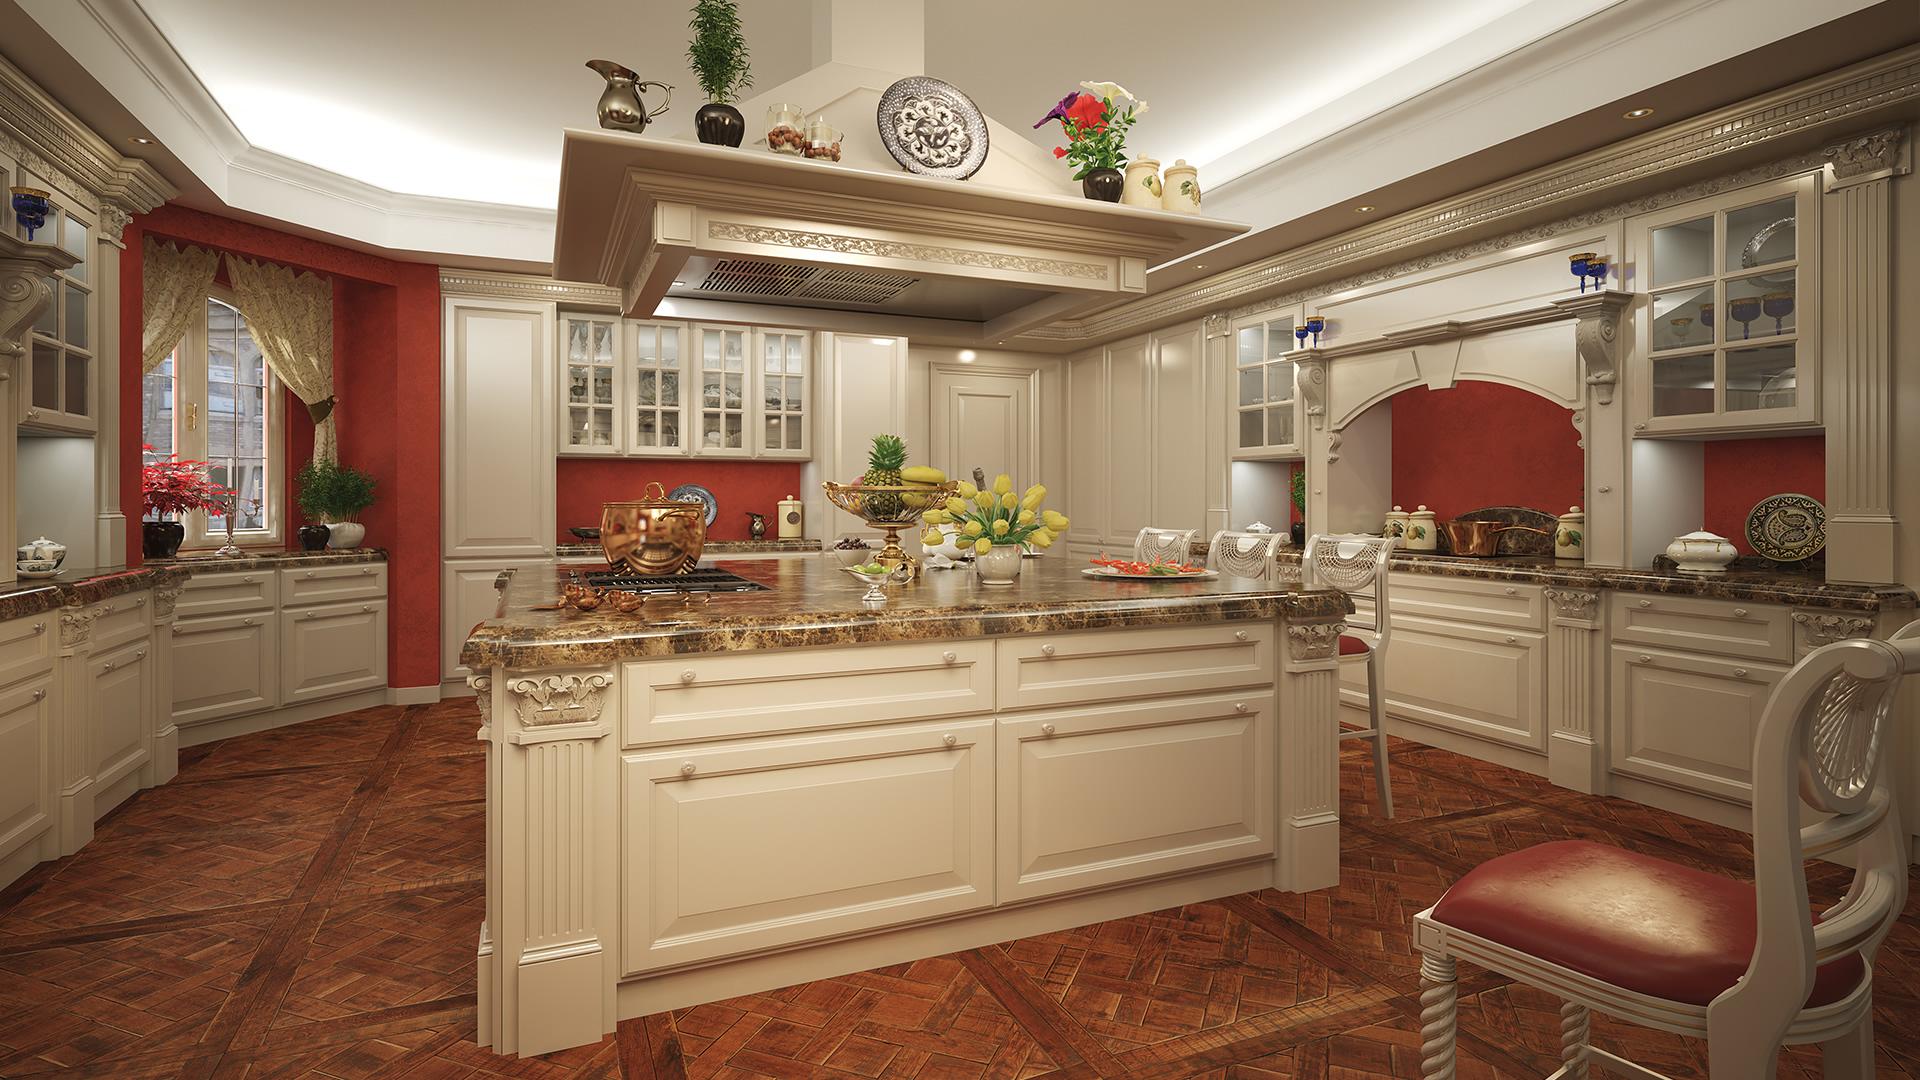 Cucina in stile classico con piano in marmo